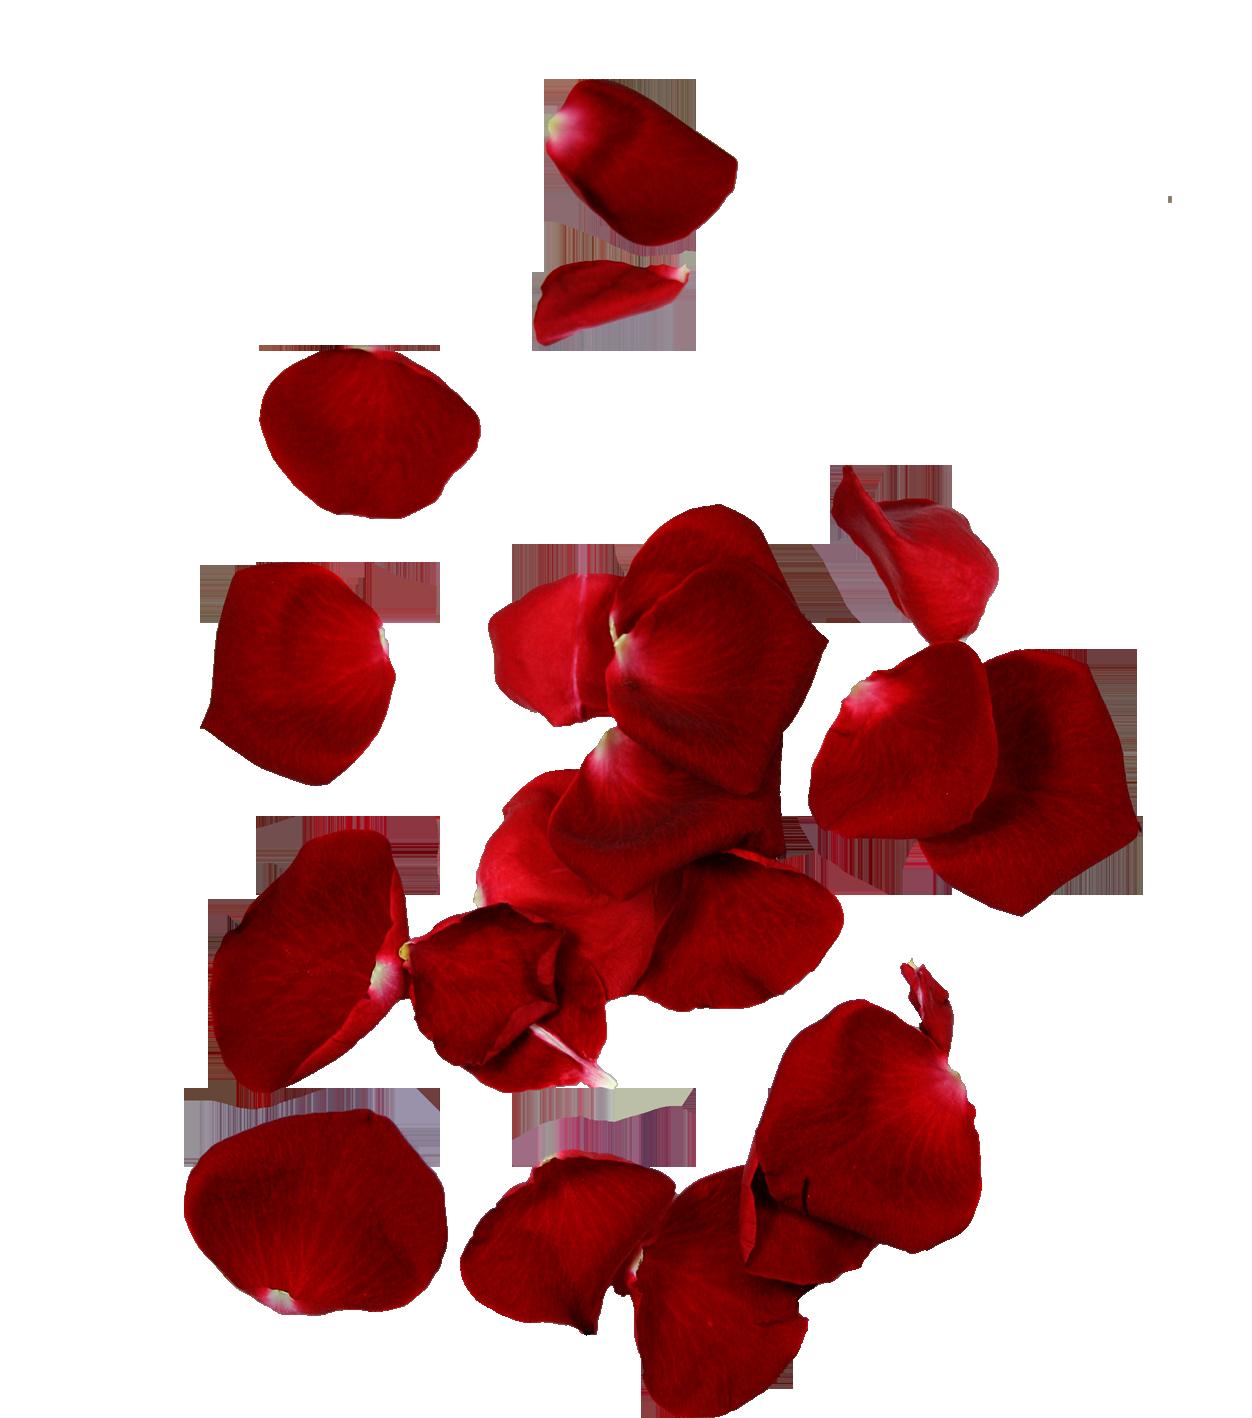 Falling Rose Petals Png, Falling Petals Png HD quality ...